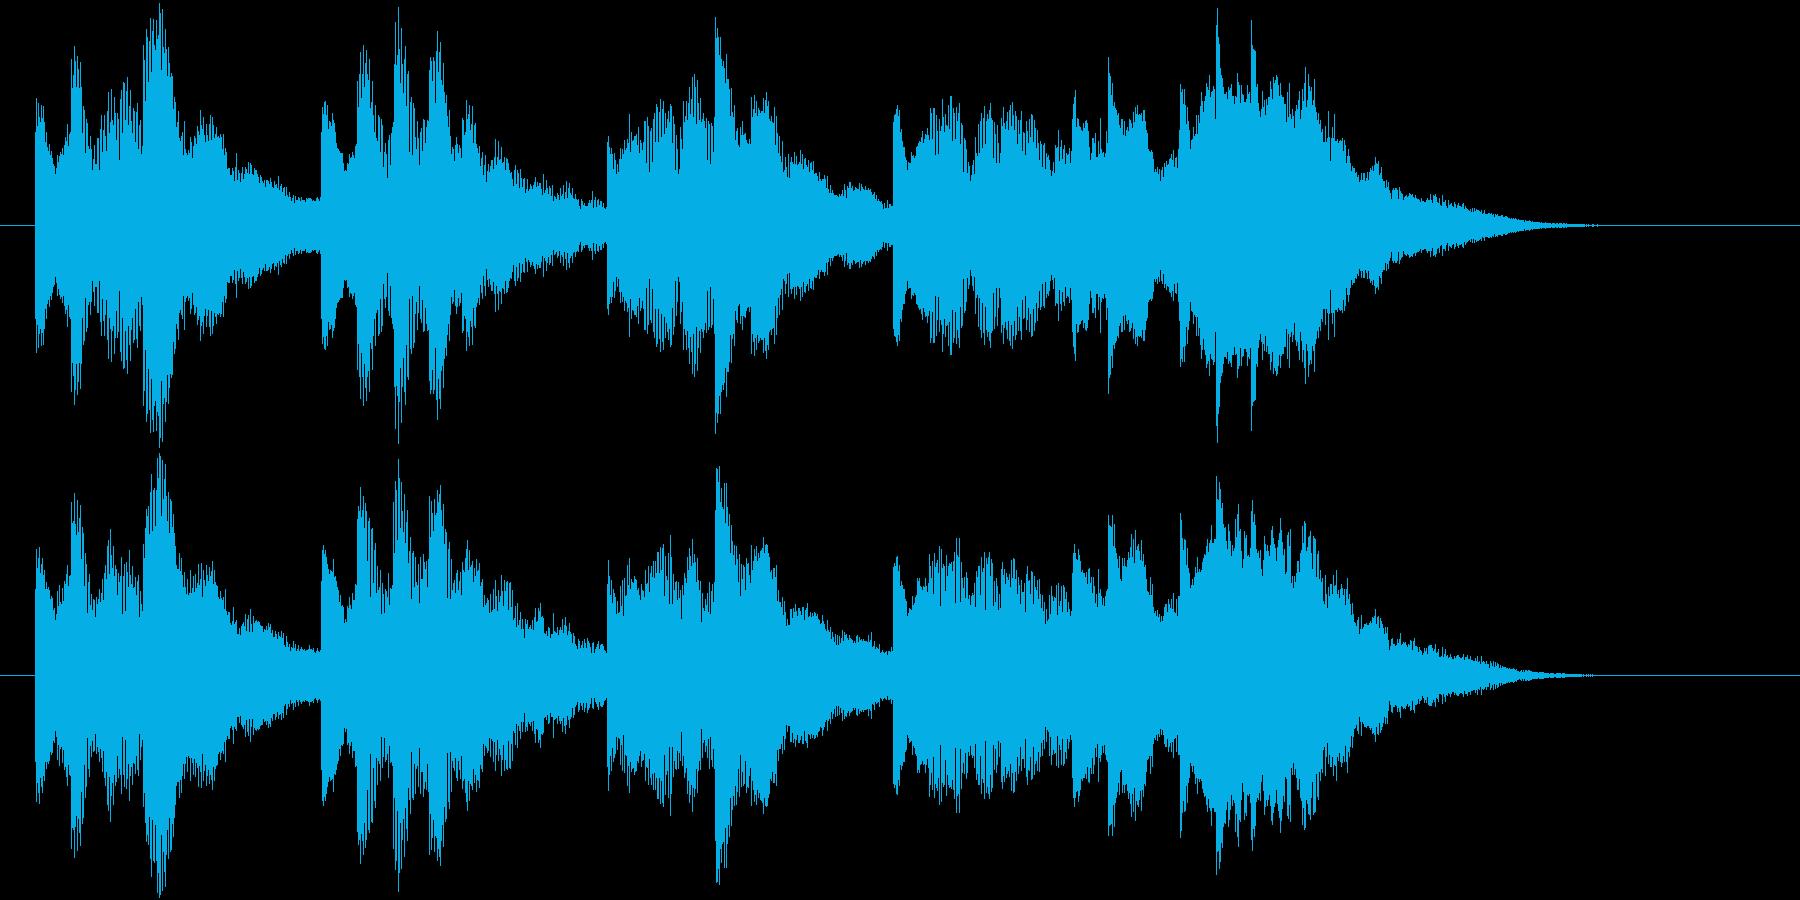 発車メロディー風のジングルの再生済みの波形